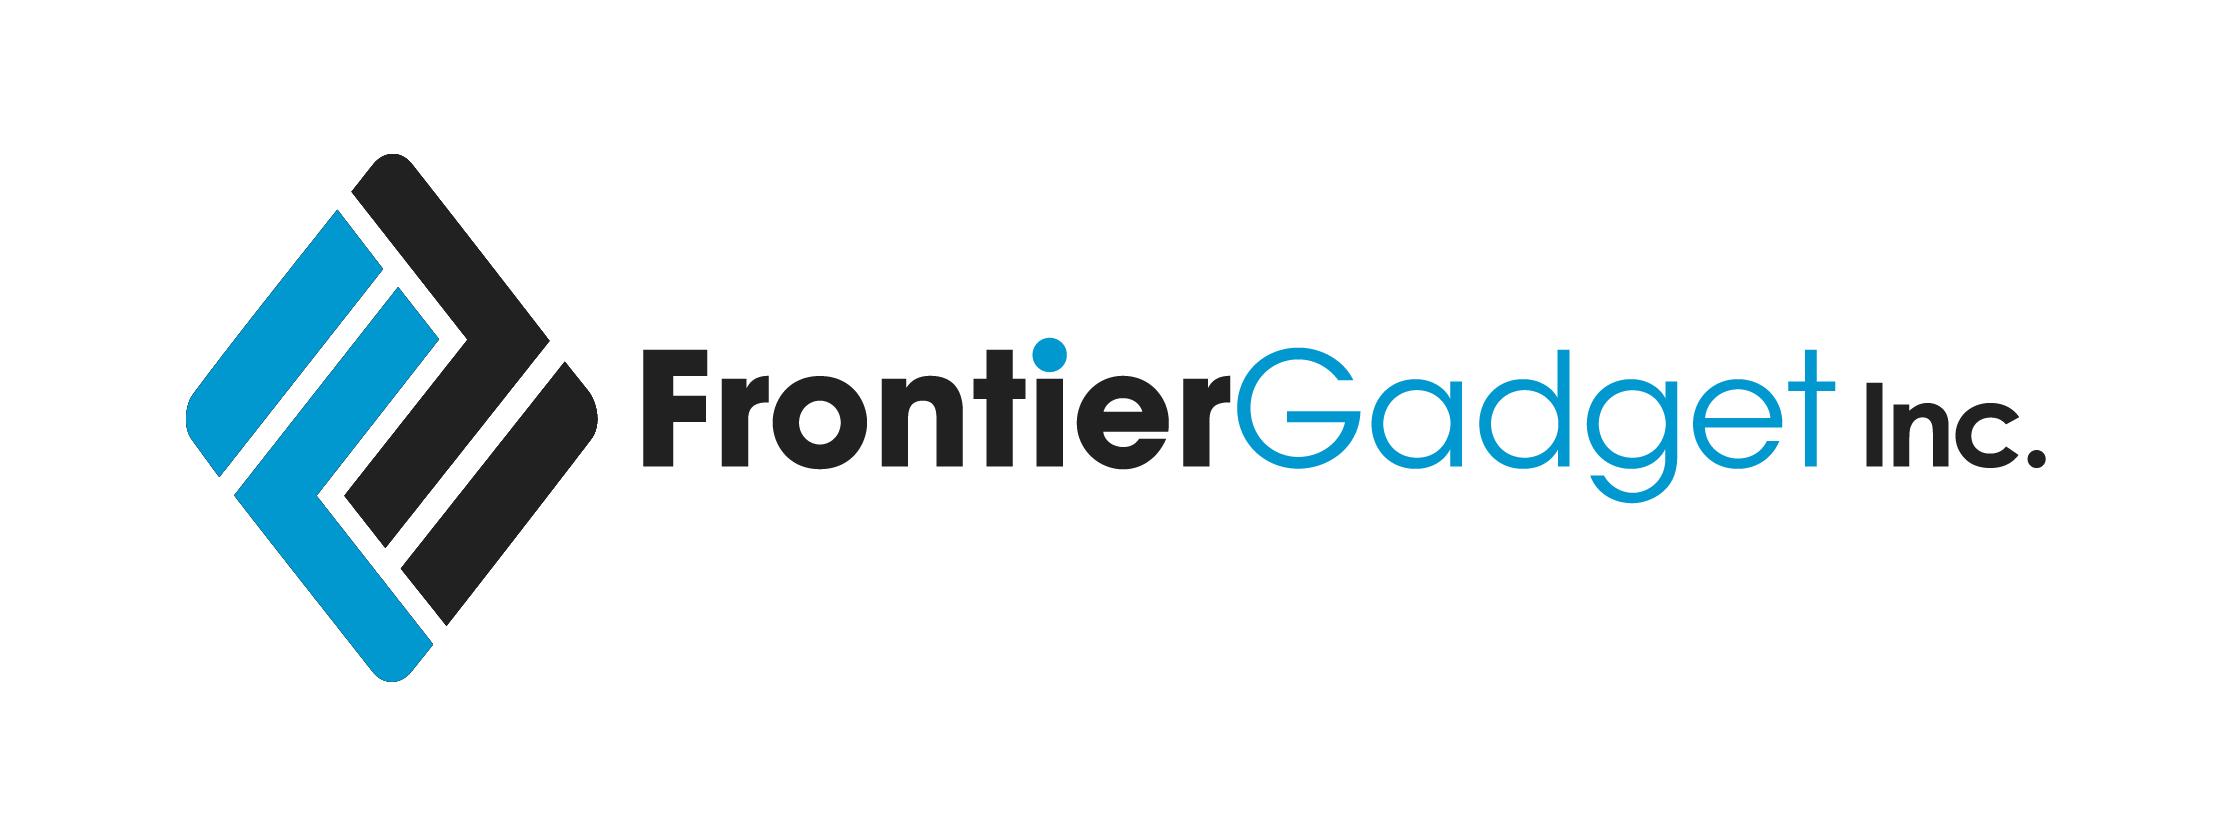 FrontierGadget, Inc.